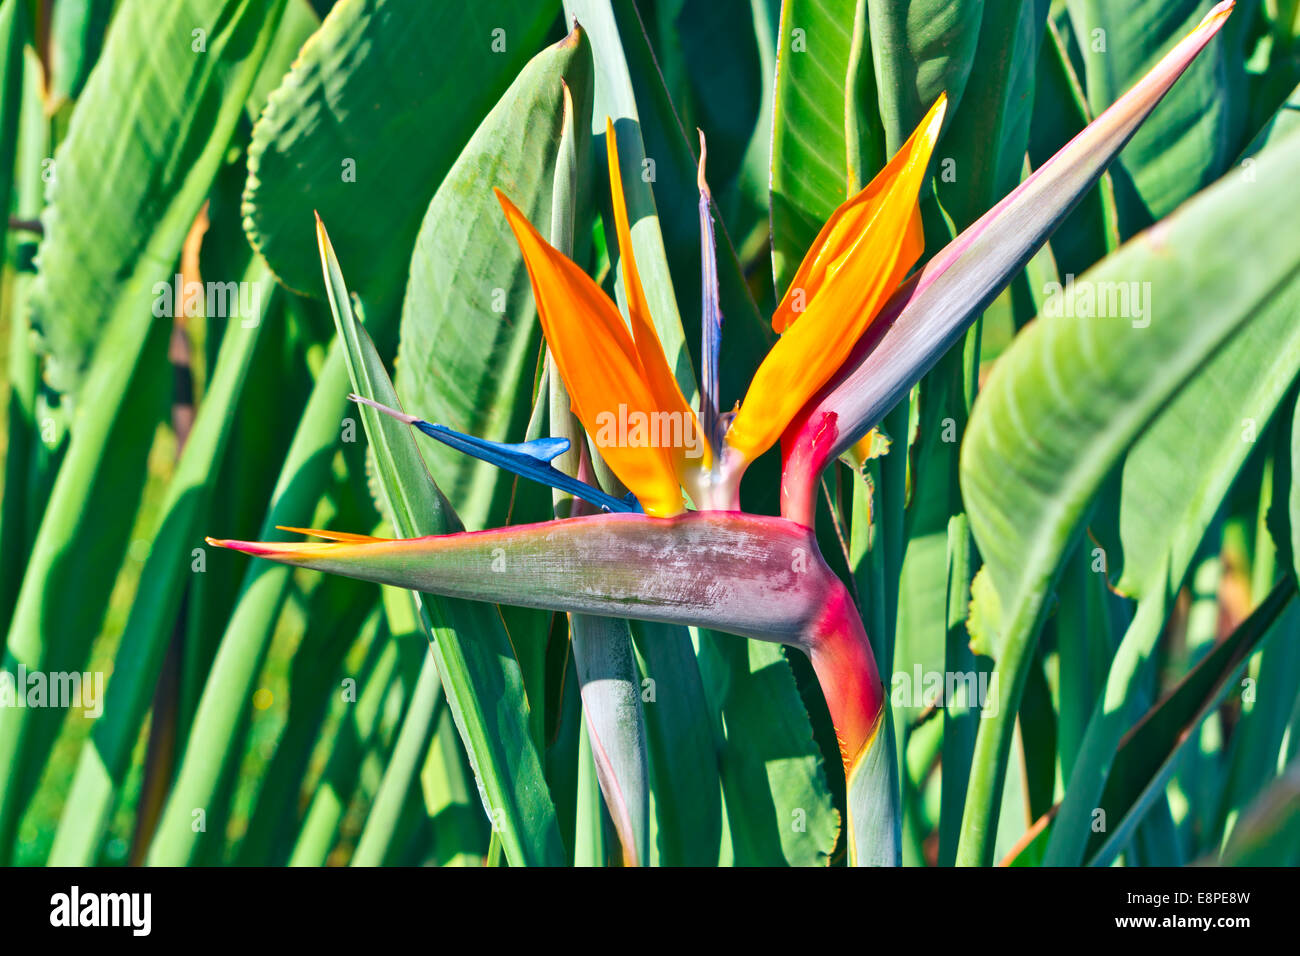 Strelizia bird of paradise flower in a garden. - Stock Image